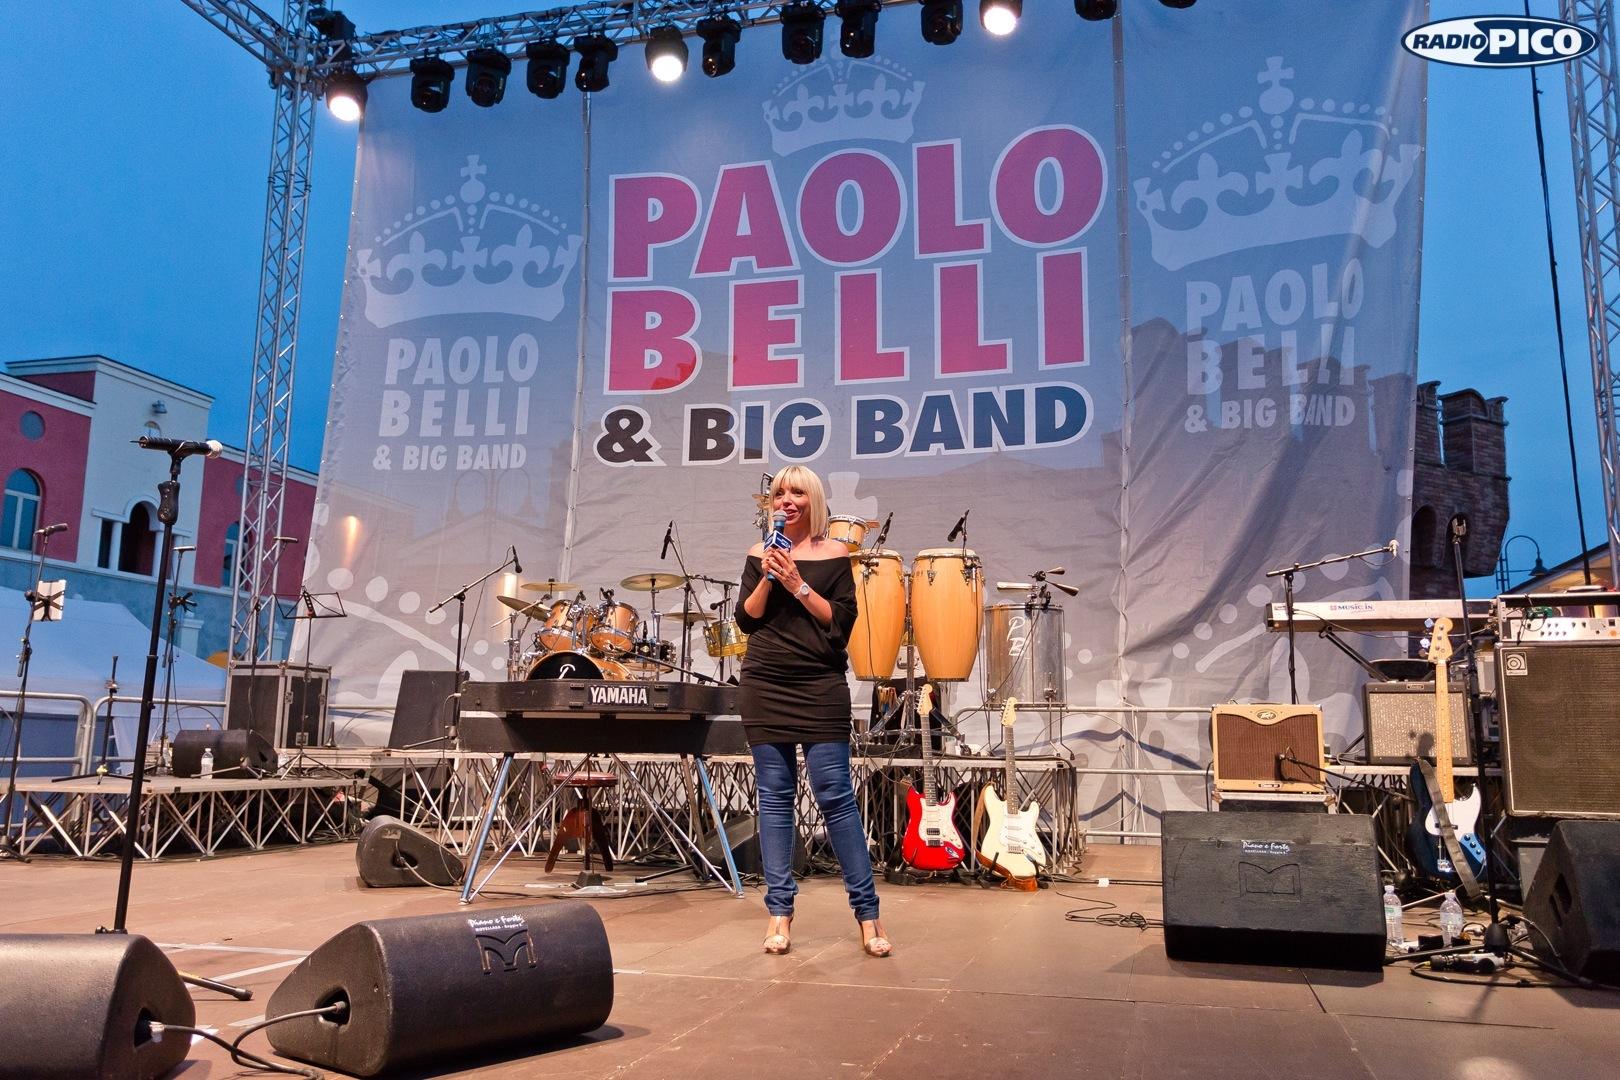 Paolo Belli e la sua Big Band al Mantova Outlet | Radio Pico